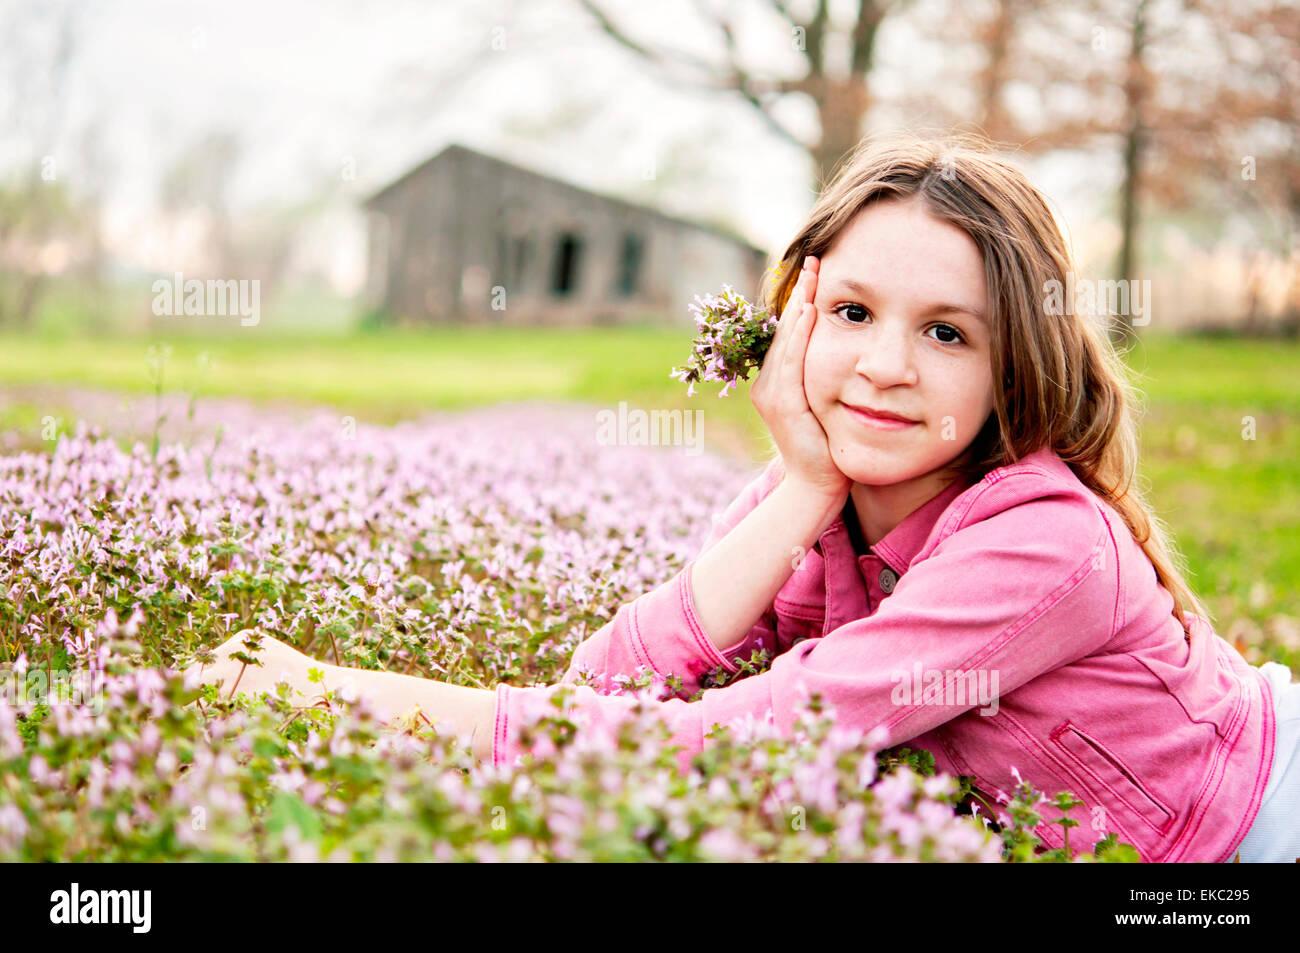 Ragazza ritratto di primavera fiori Immagini Stock